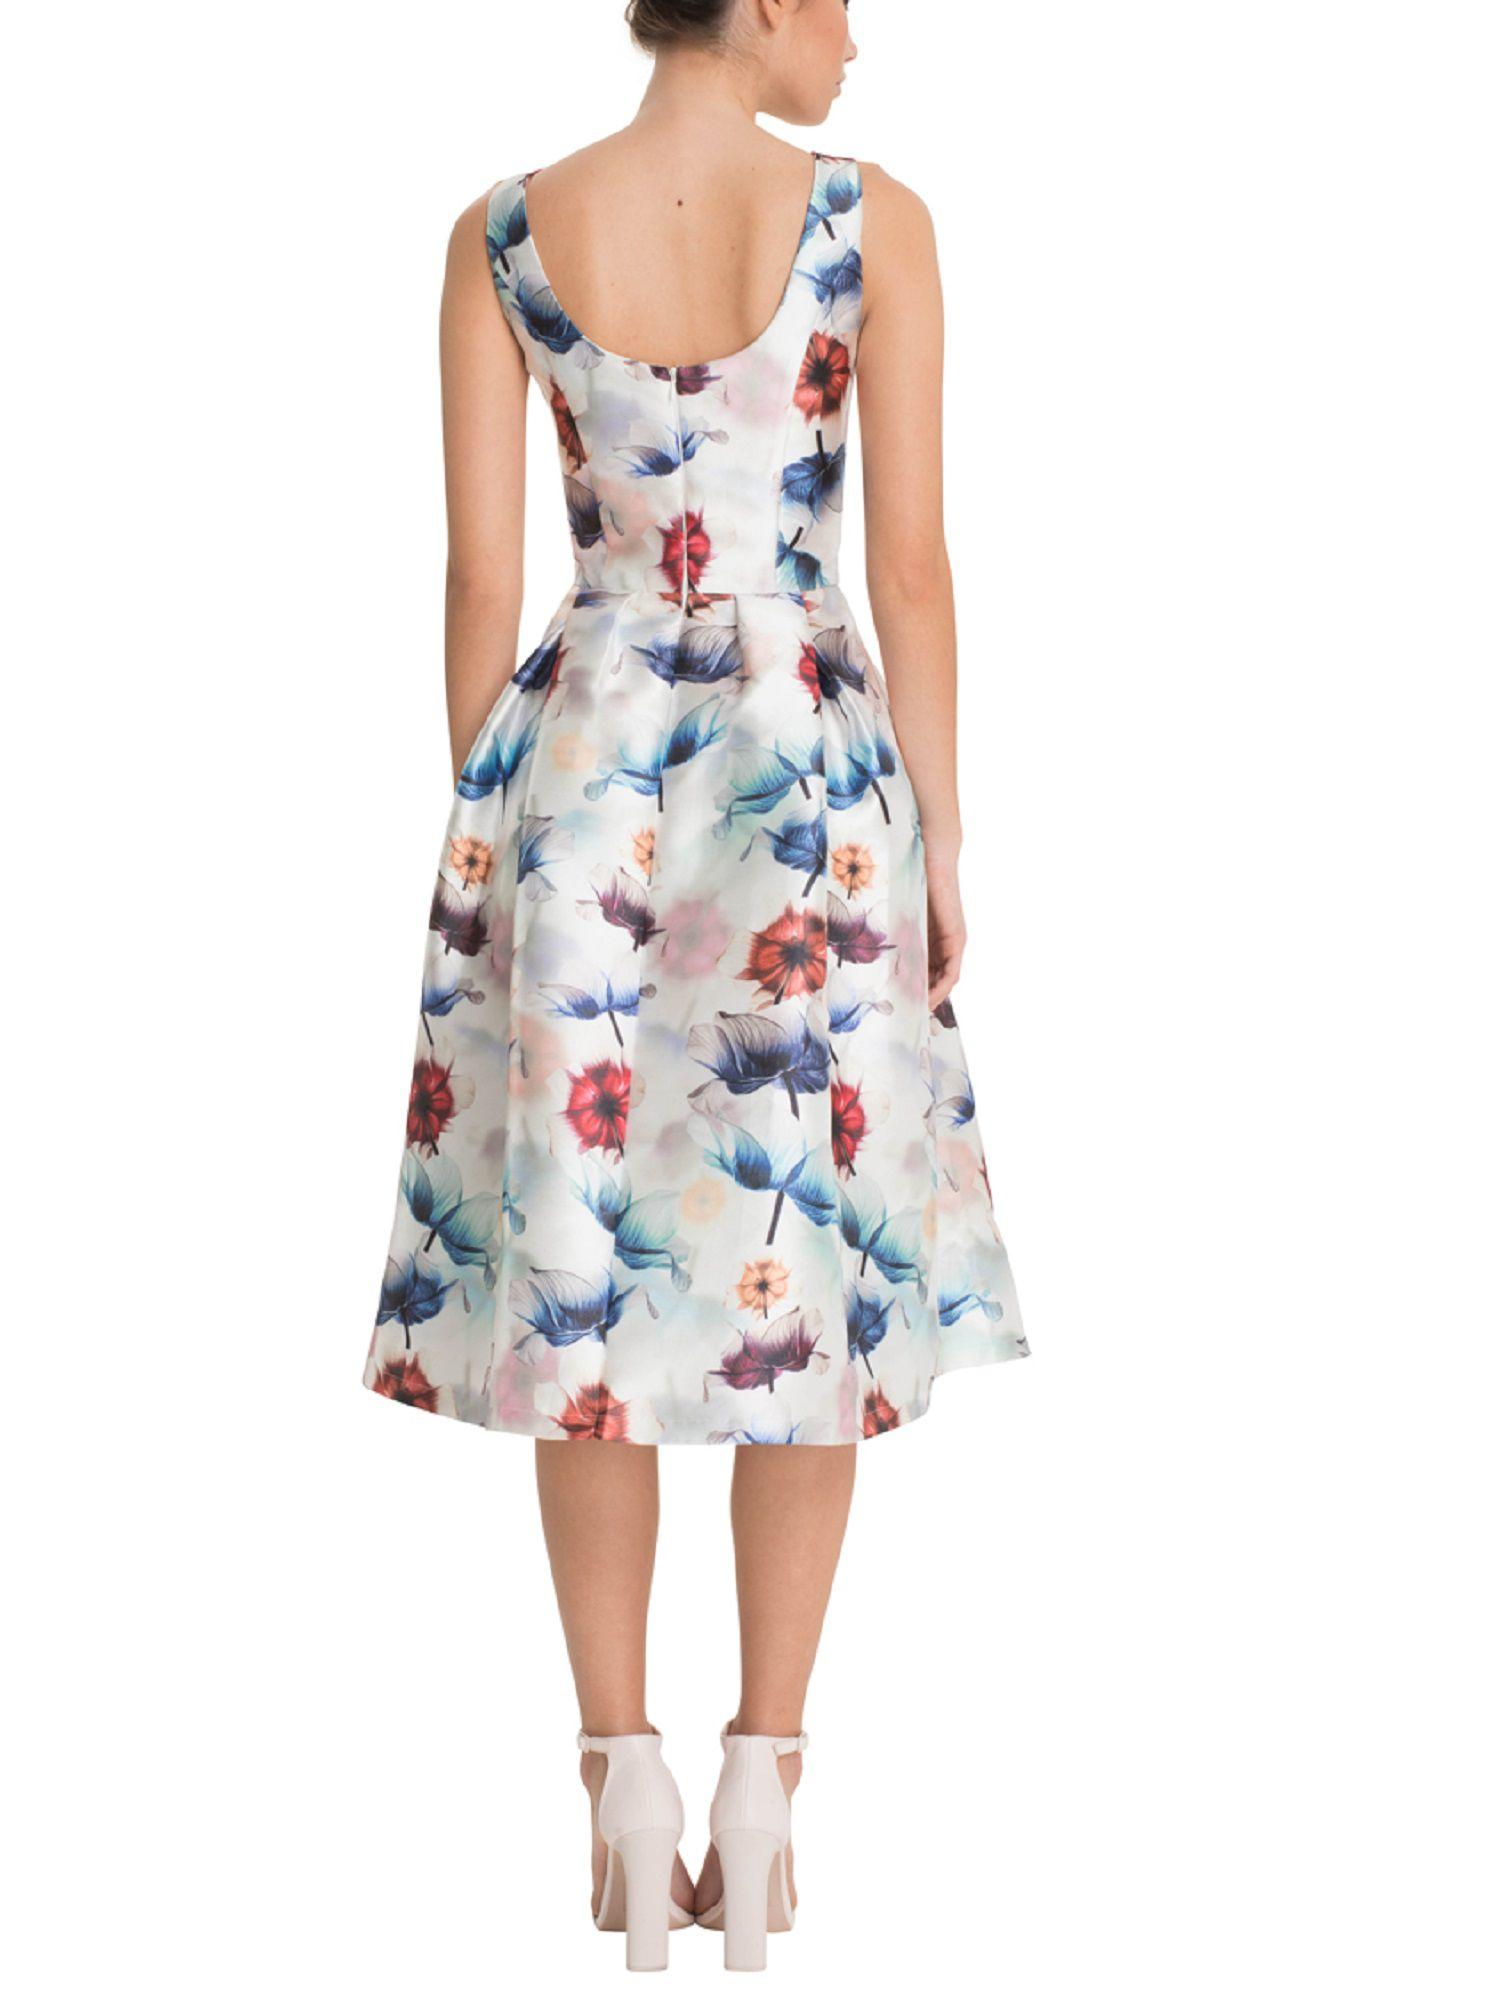 Satin Maxi Dress With Bird Design